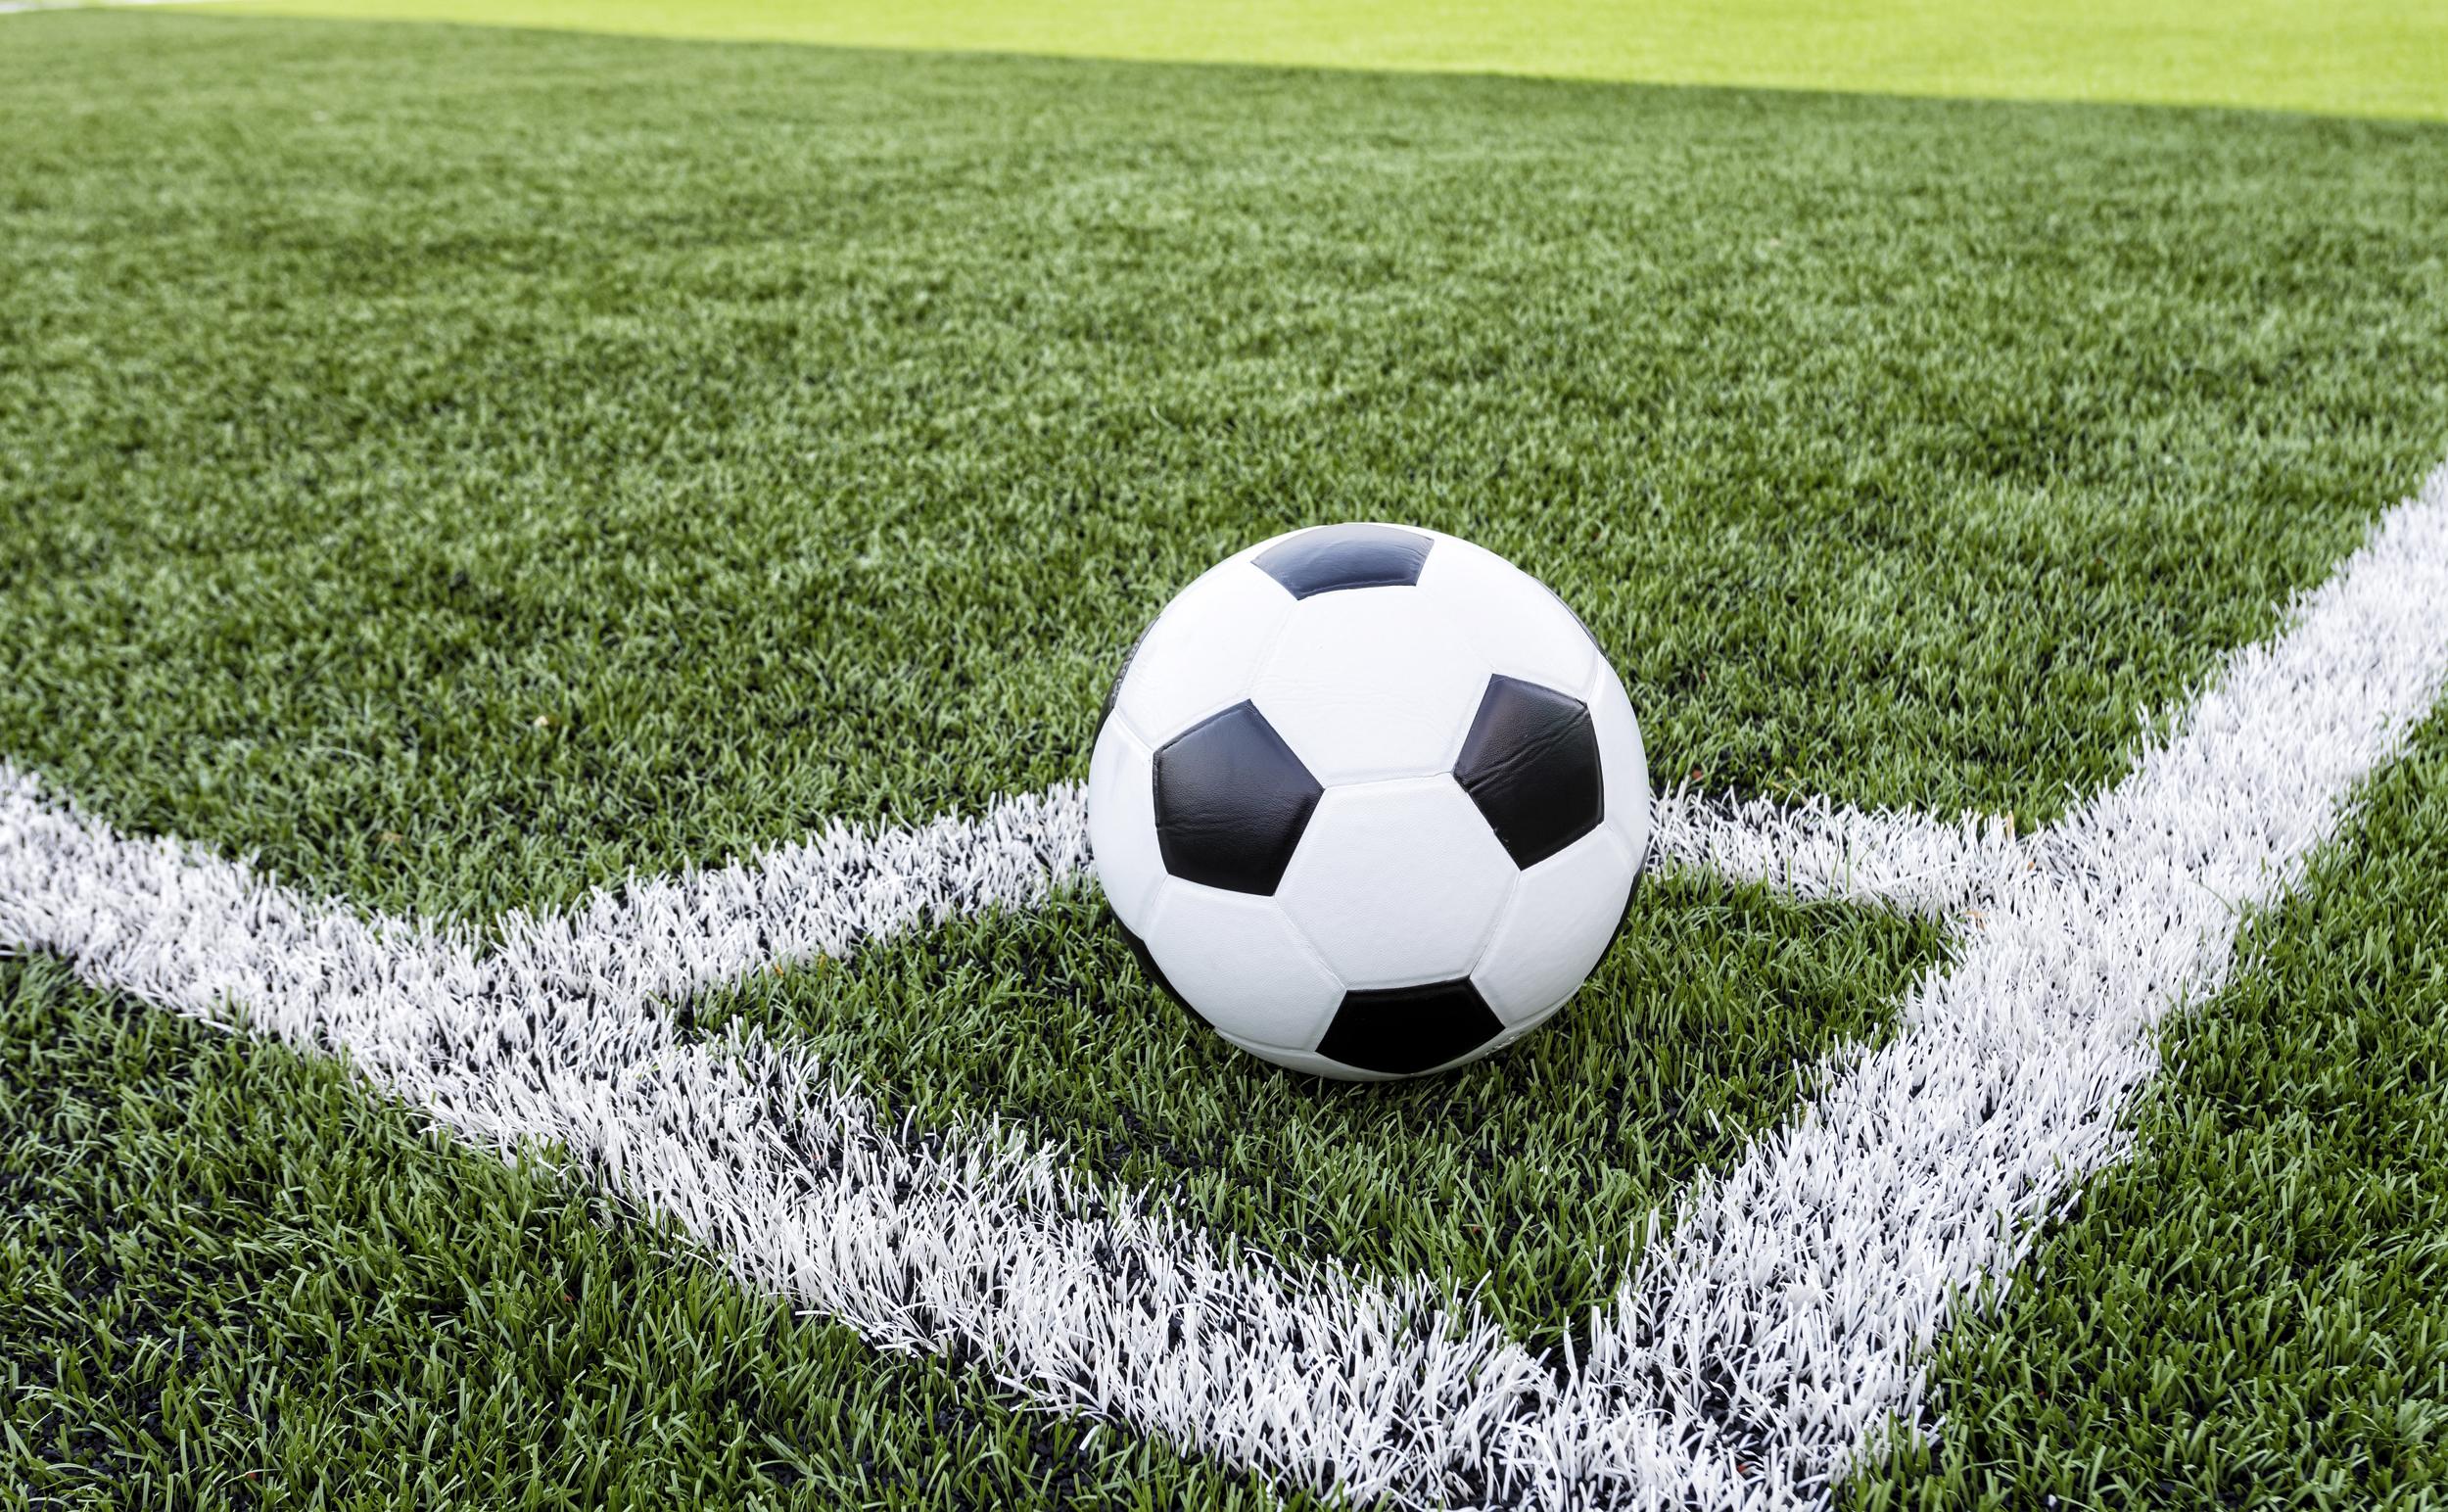 چالشي که ليگ برتر فوتبال را ۱۴ تيمي ميکند!